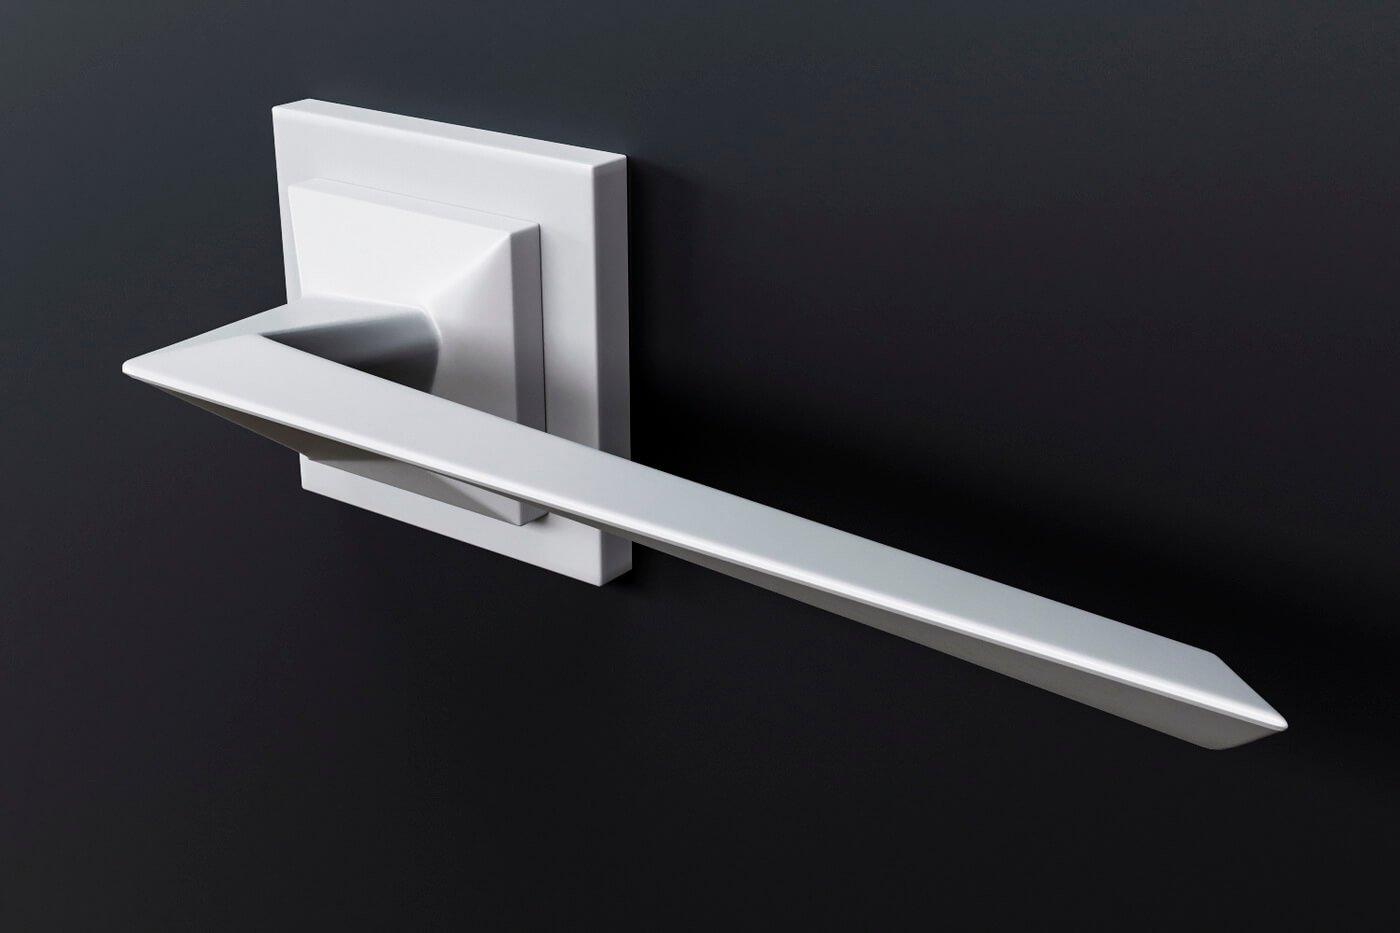 Предметный дизайн. Дверная ручка 5_3